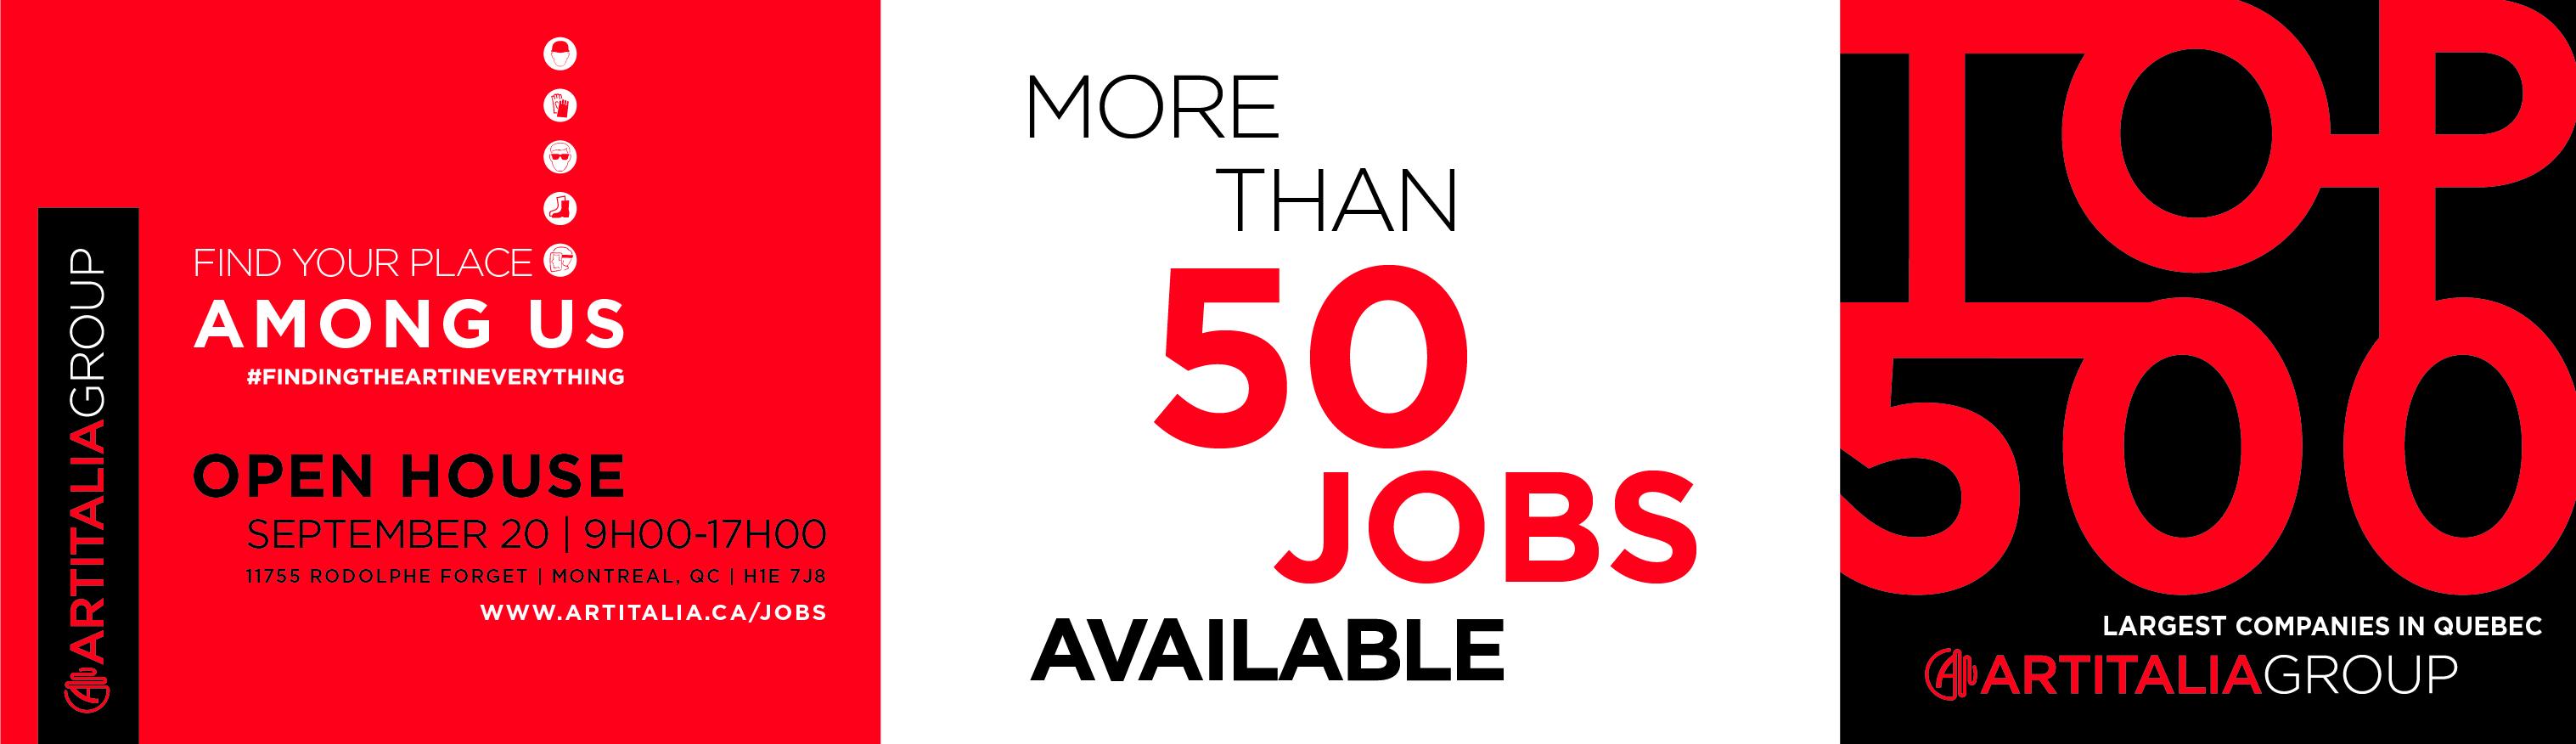 http://www.artitalia.ca/jobs